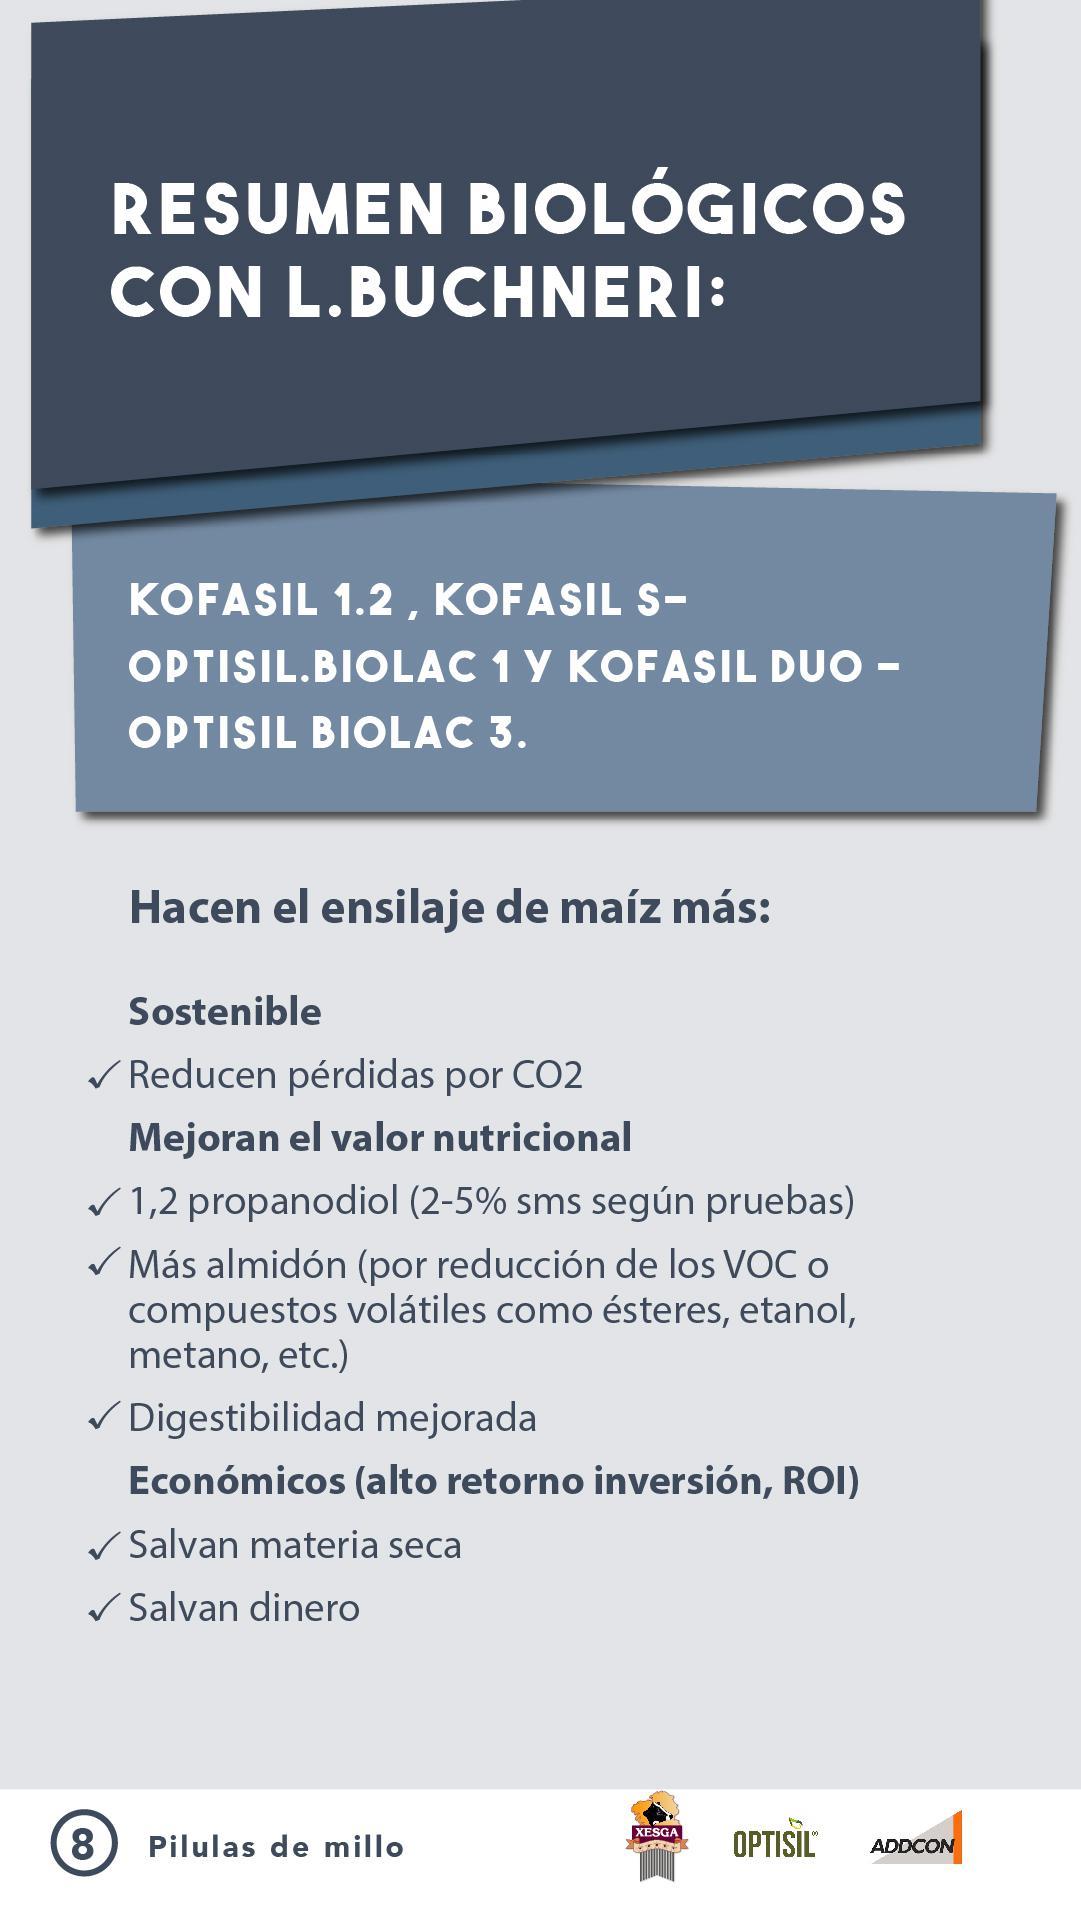 OPTISIL ADIAL PILULA MILLO 8